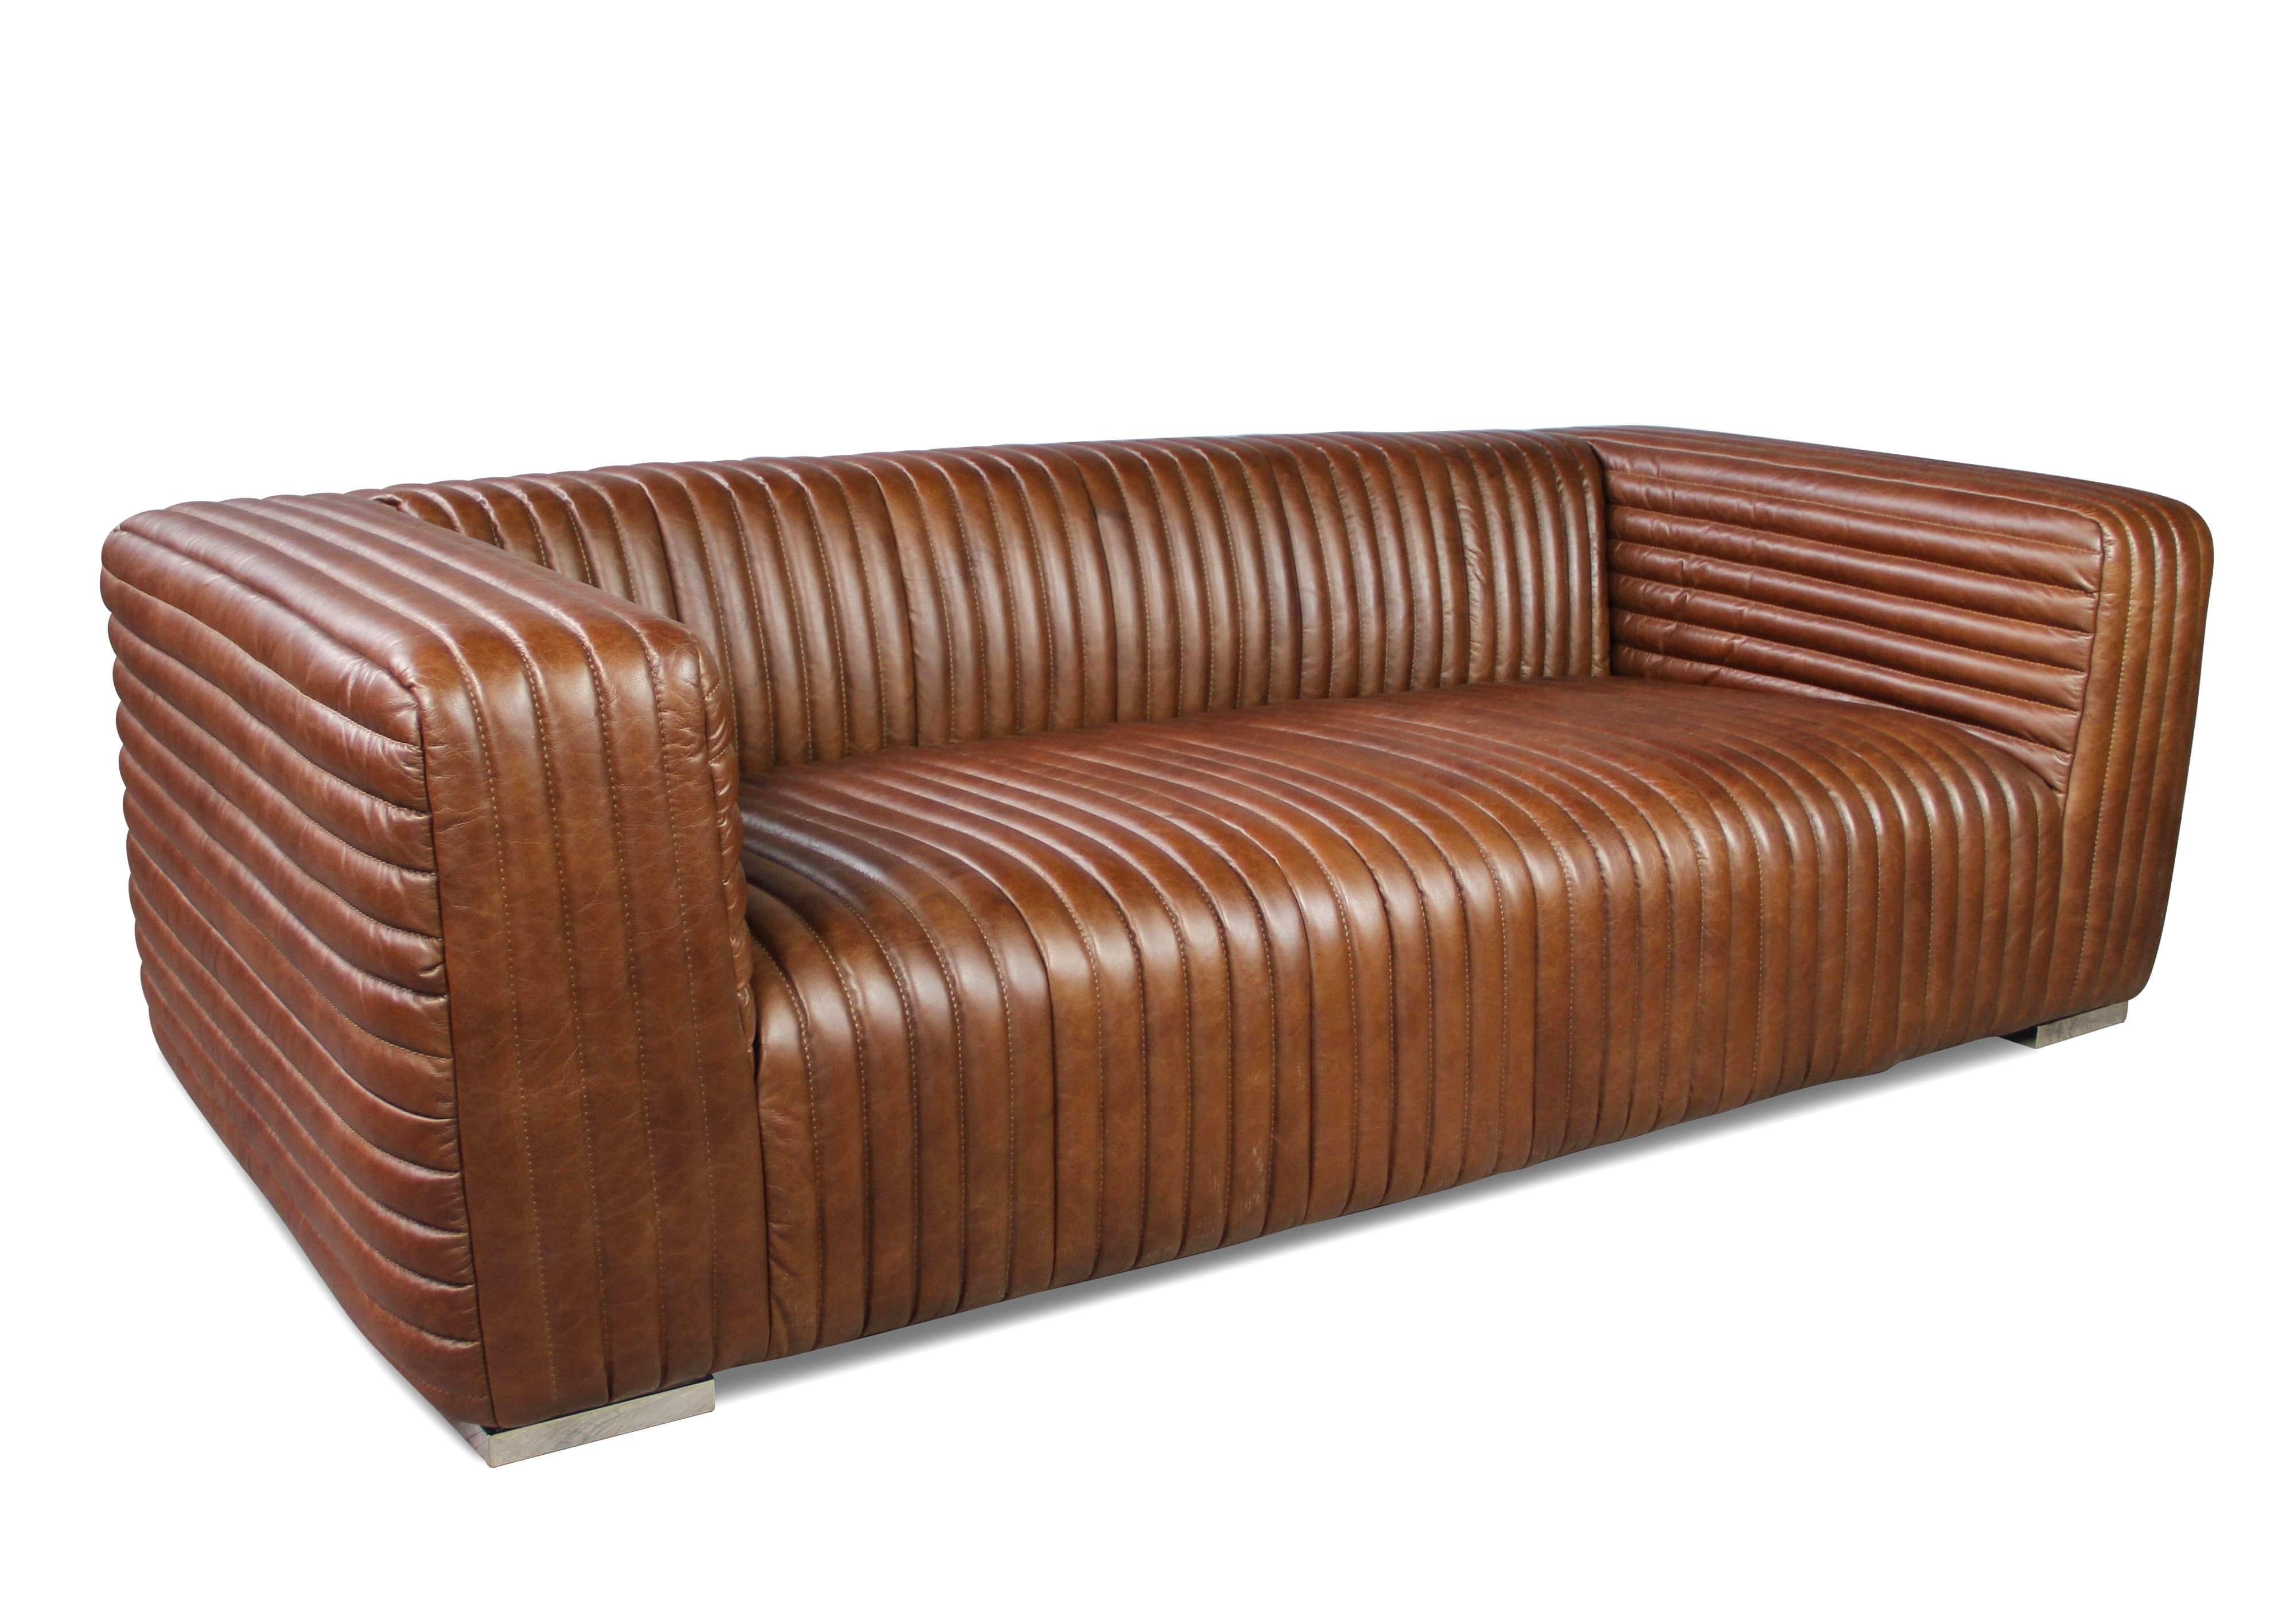 canap en cuir vintage patin et vieilli marron glac. Black Bedroom Furniture Sets. Home Design Ideas